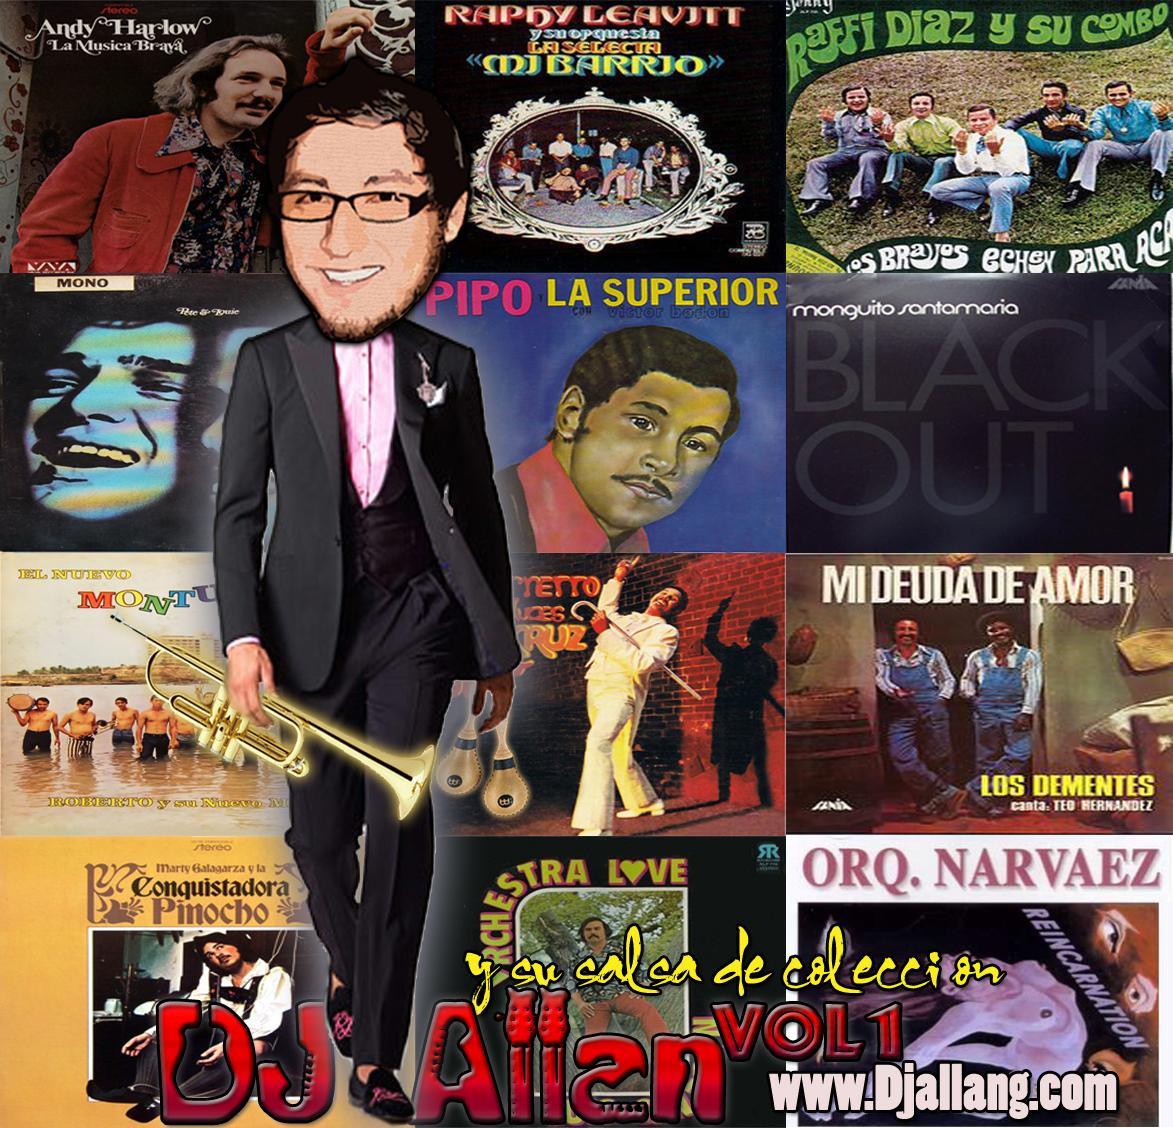 Dj Allan y su salsa de coleccion Vol1 Frontal